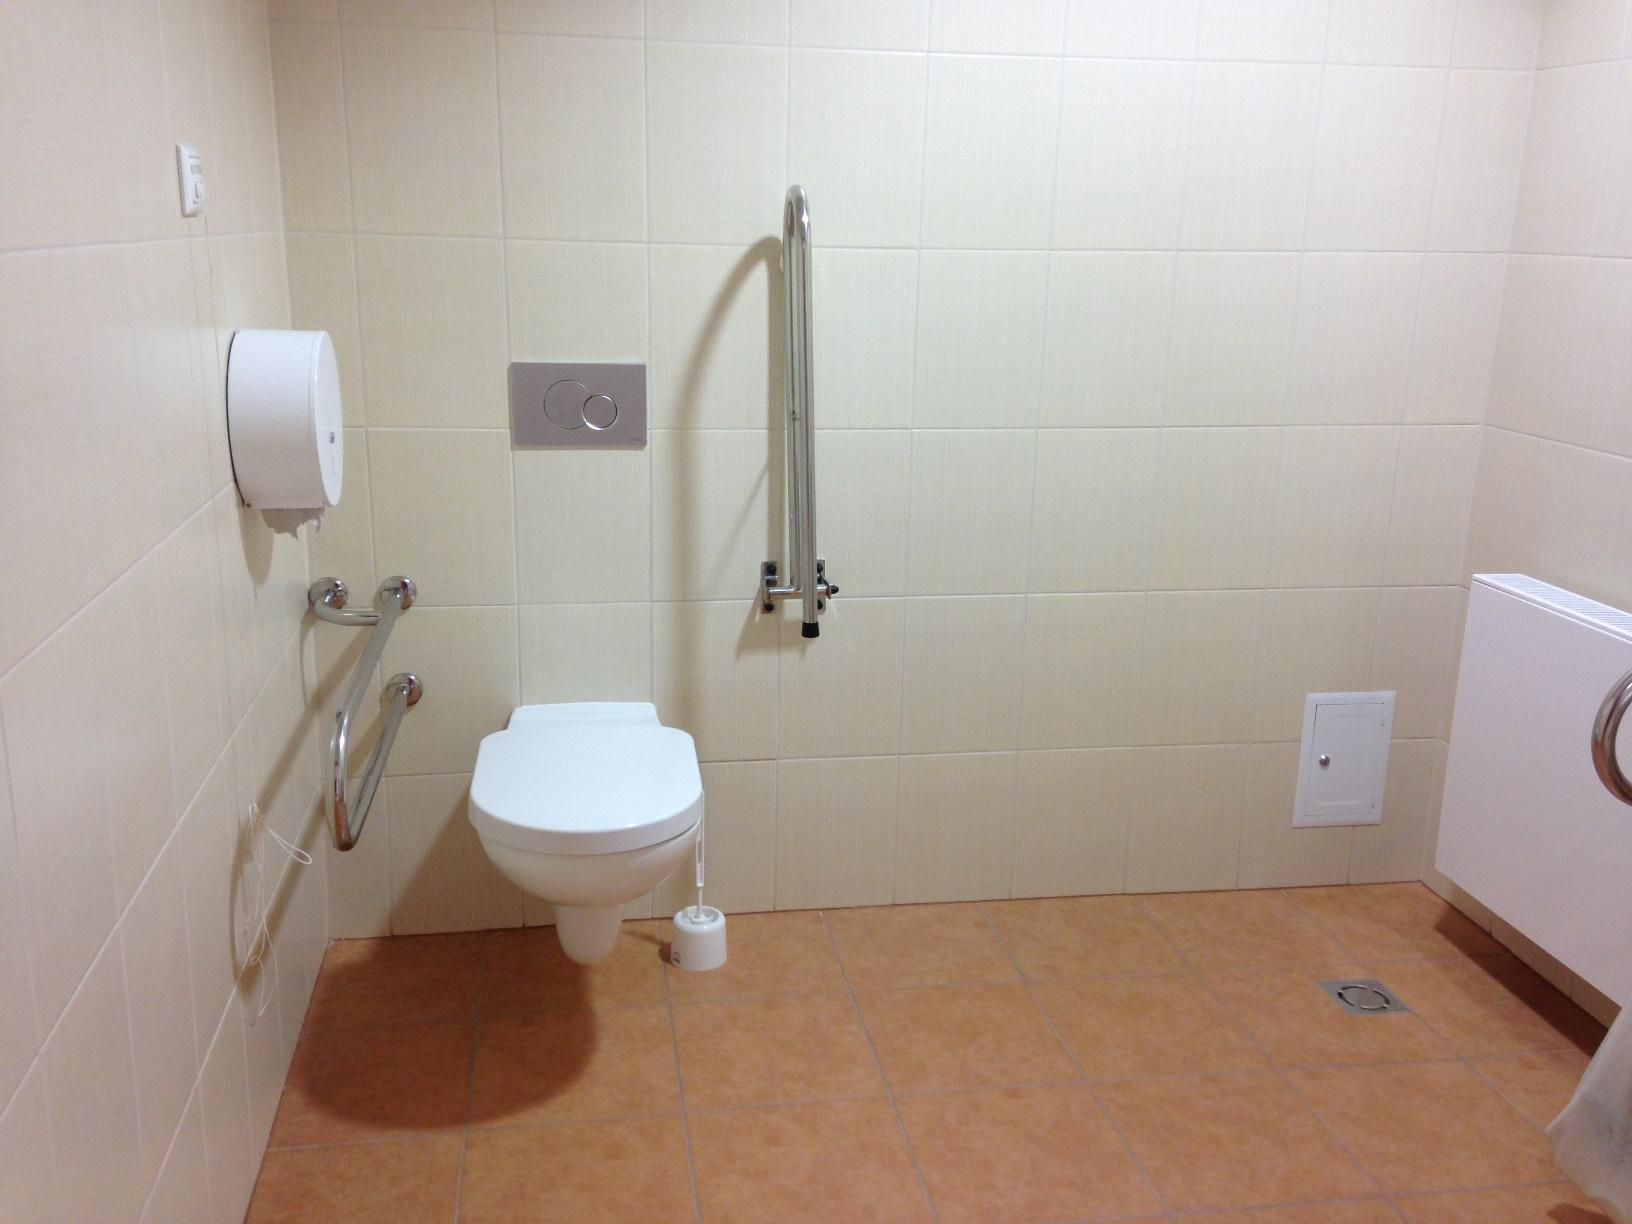 Wnętrze toalety dla niepełnosprawnych